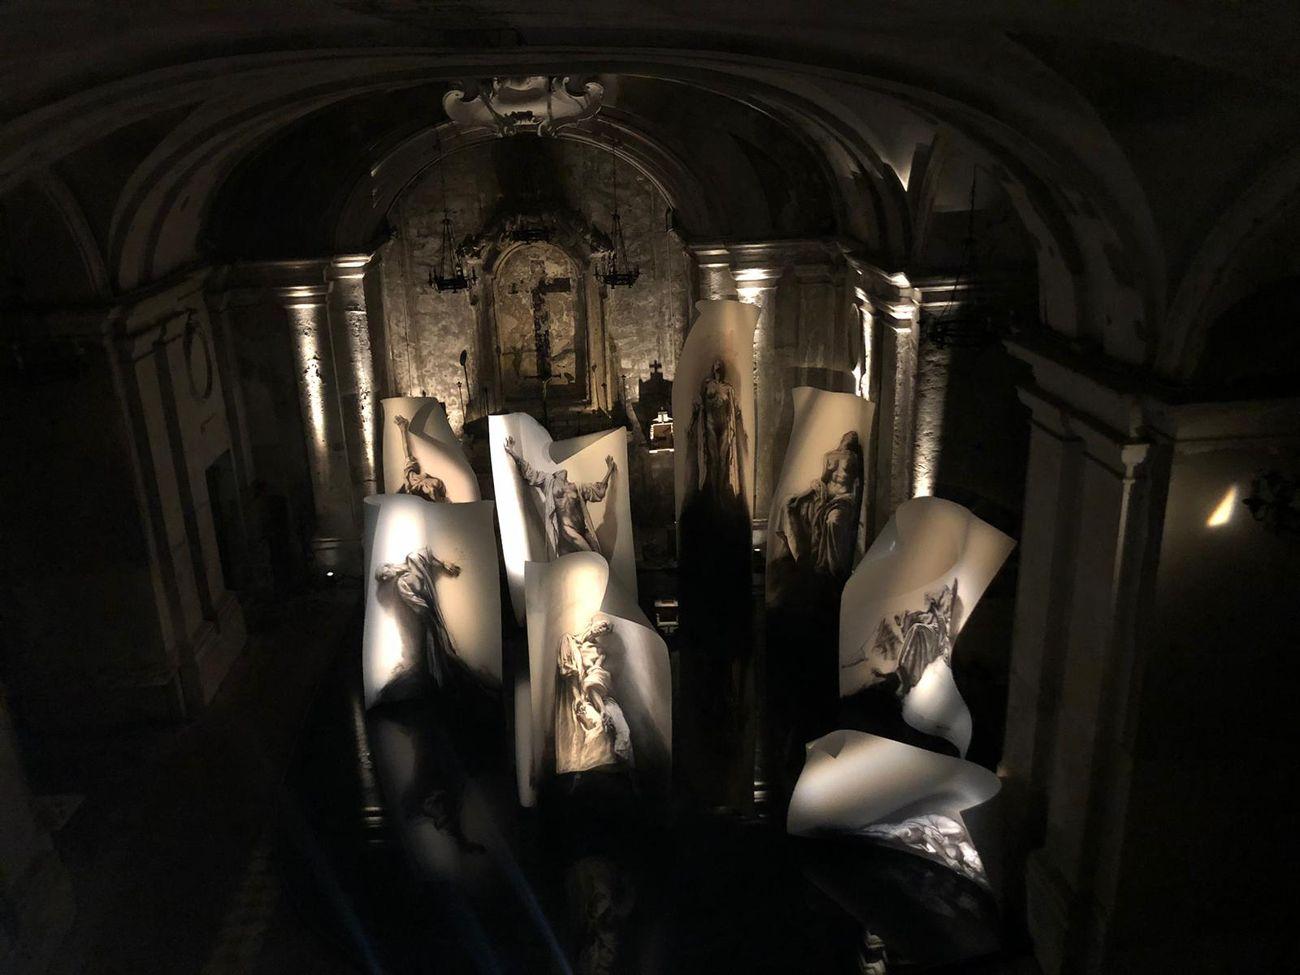 Ernest Pignon-Ernest. Extastes. Installation view at Ipogeo della Chiesa di Santa Maria delle Anime del Purgatorio ad Arco, Napoli 2019. Photo credits Giuliana Calomino